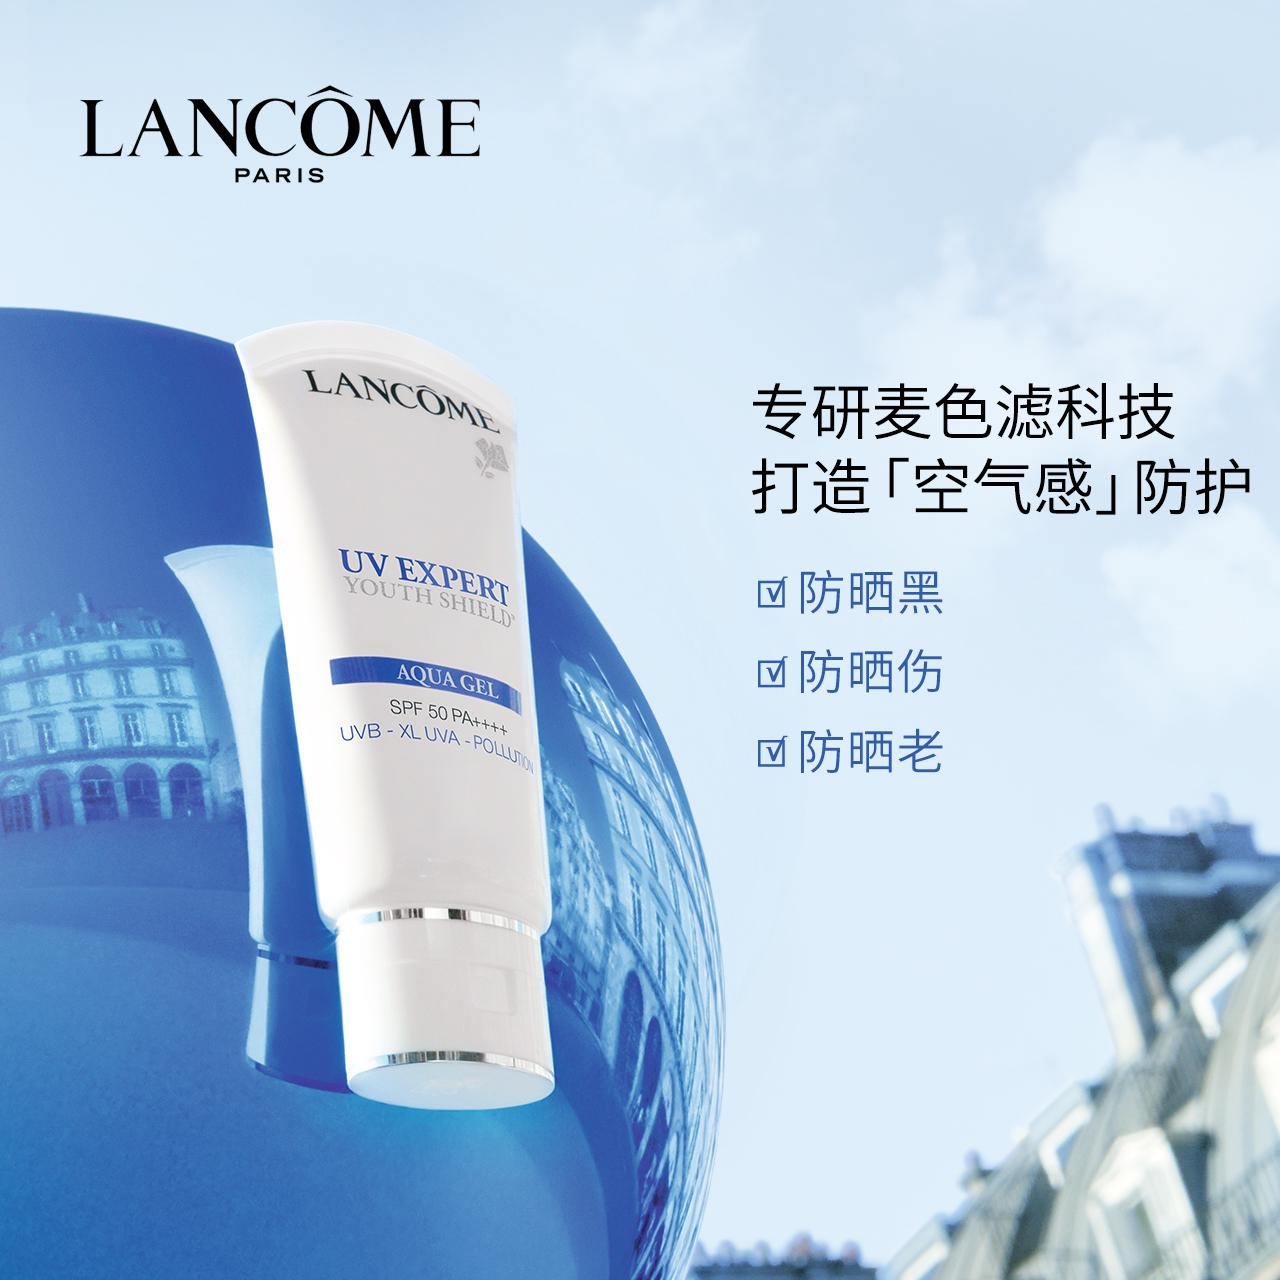 【预售】兰蔻防晒霜50+防紫外线隔离霜 空气感UV小白管